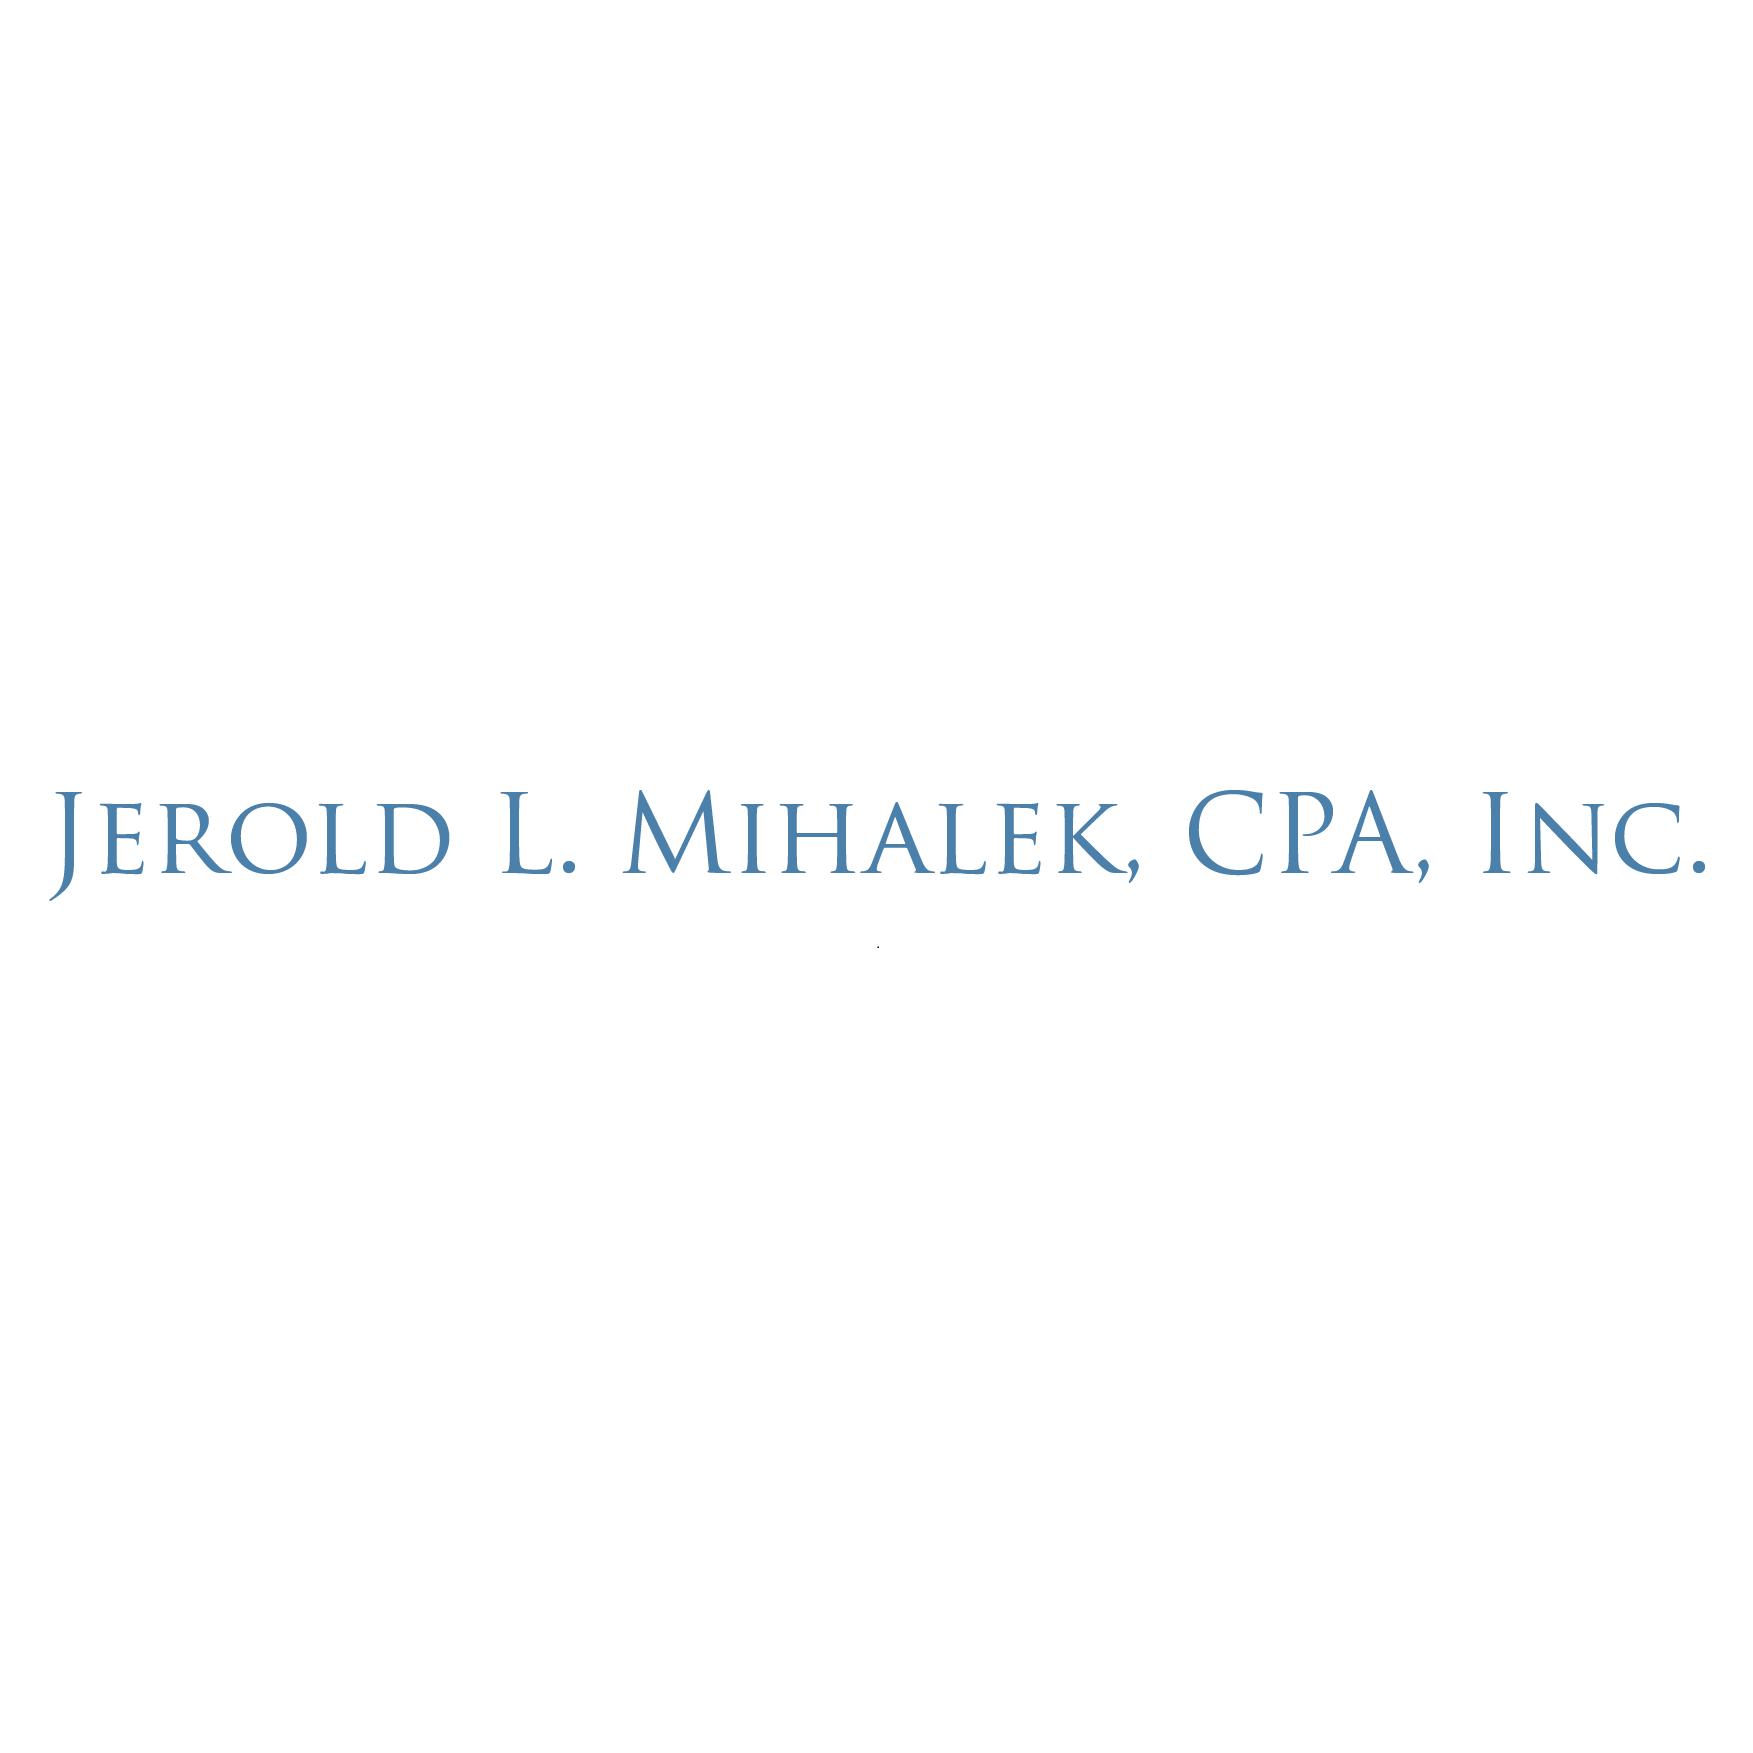 Jerold L. Mihalek, CPA, Inc.